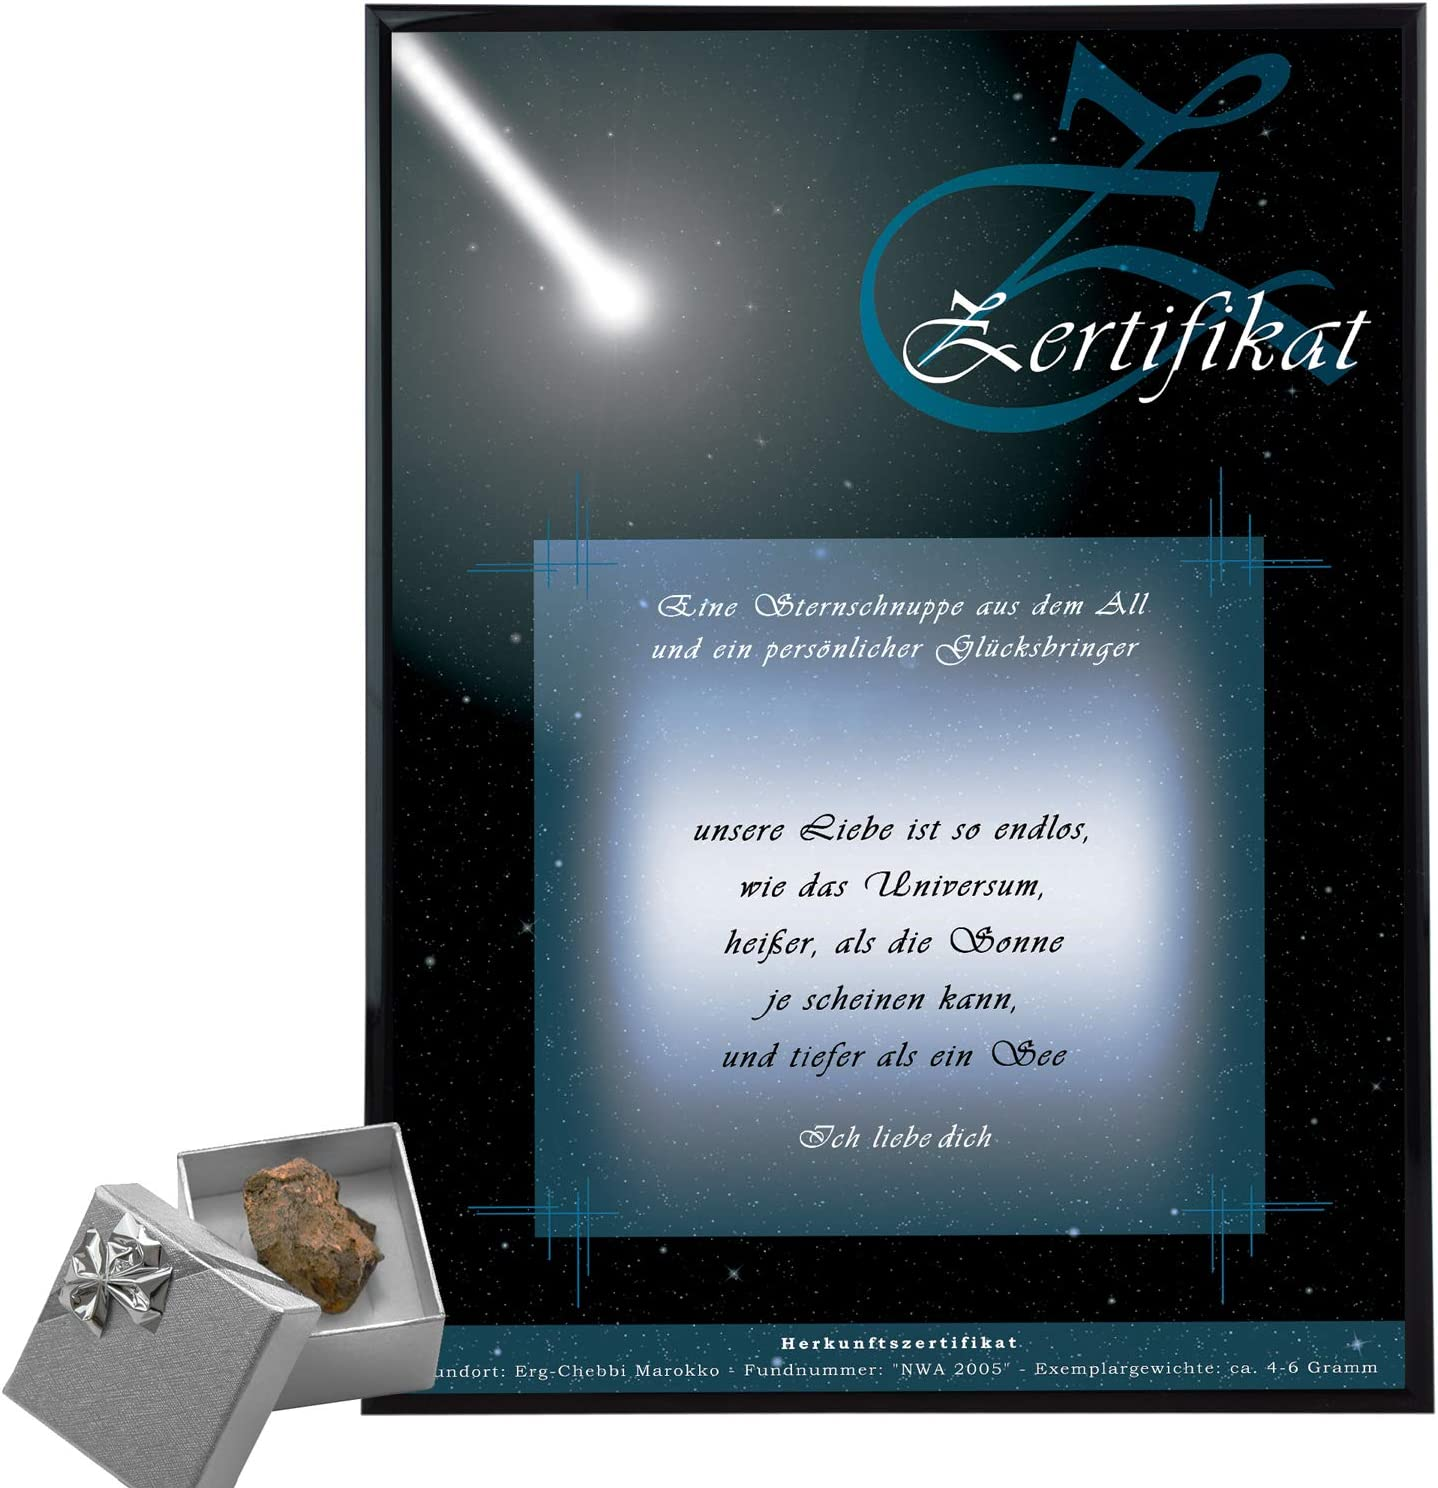 Comprar estrella fugaz – Meteoritas con certificado de autenticidad personalizado aquí como regalo romántico pedido – Regalo personal para mujeres + hombres – Idea de regalo amigo + novia